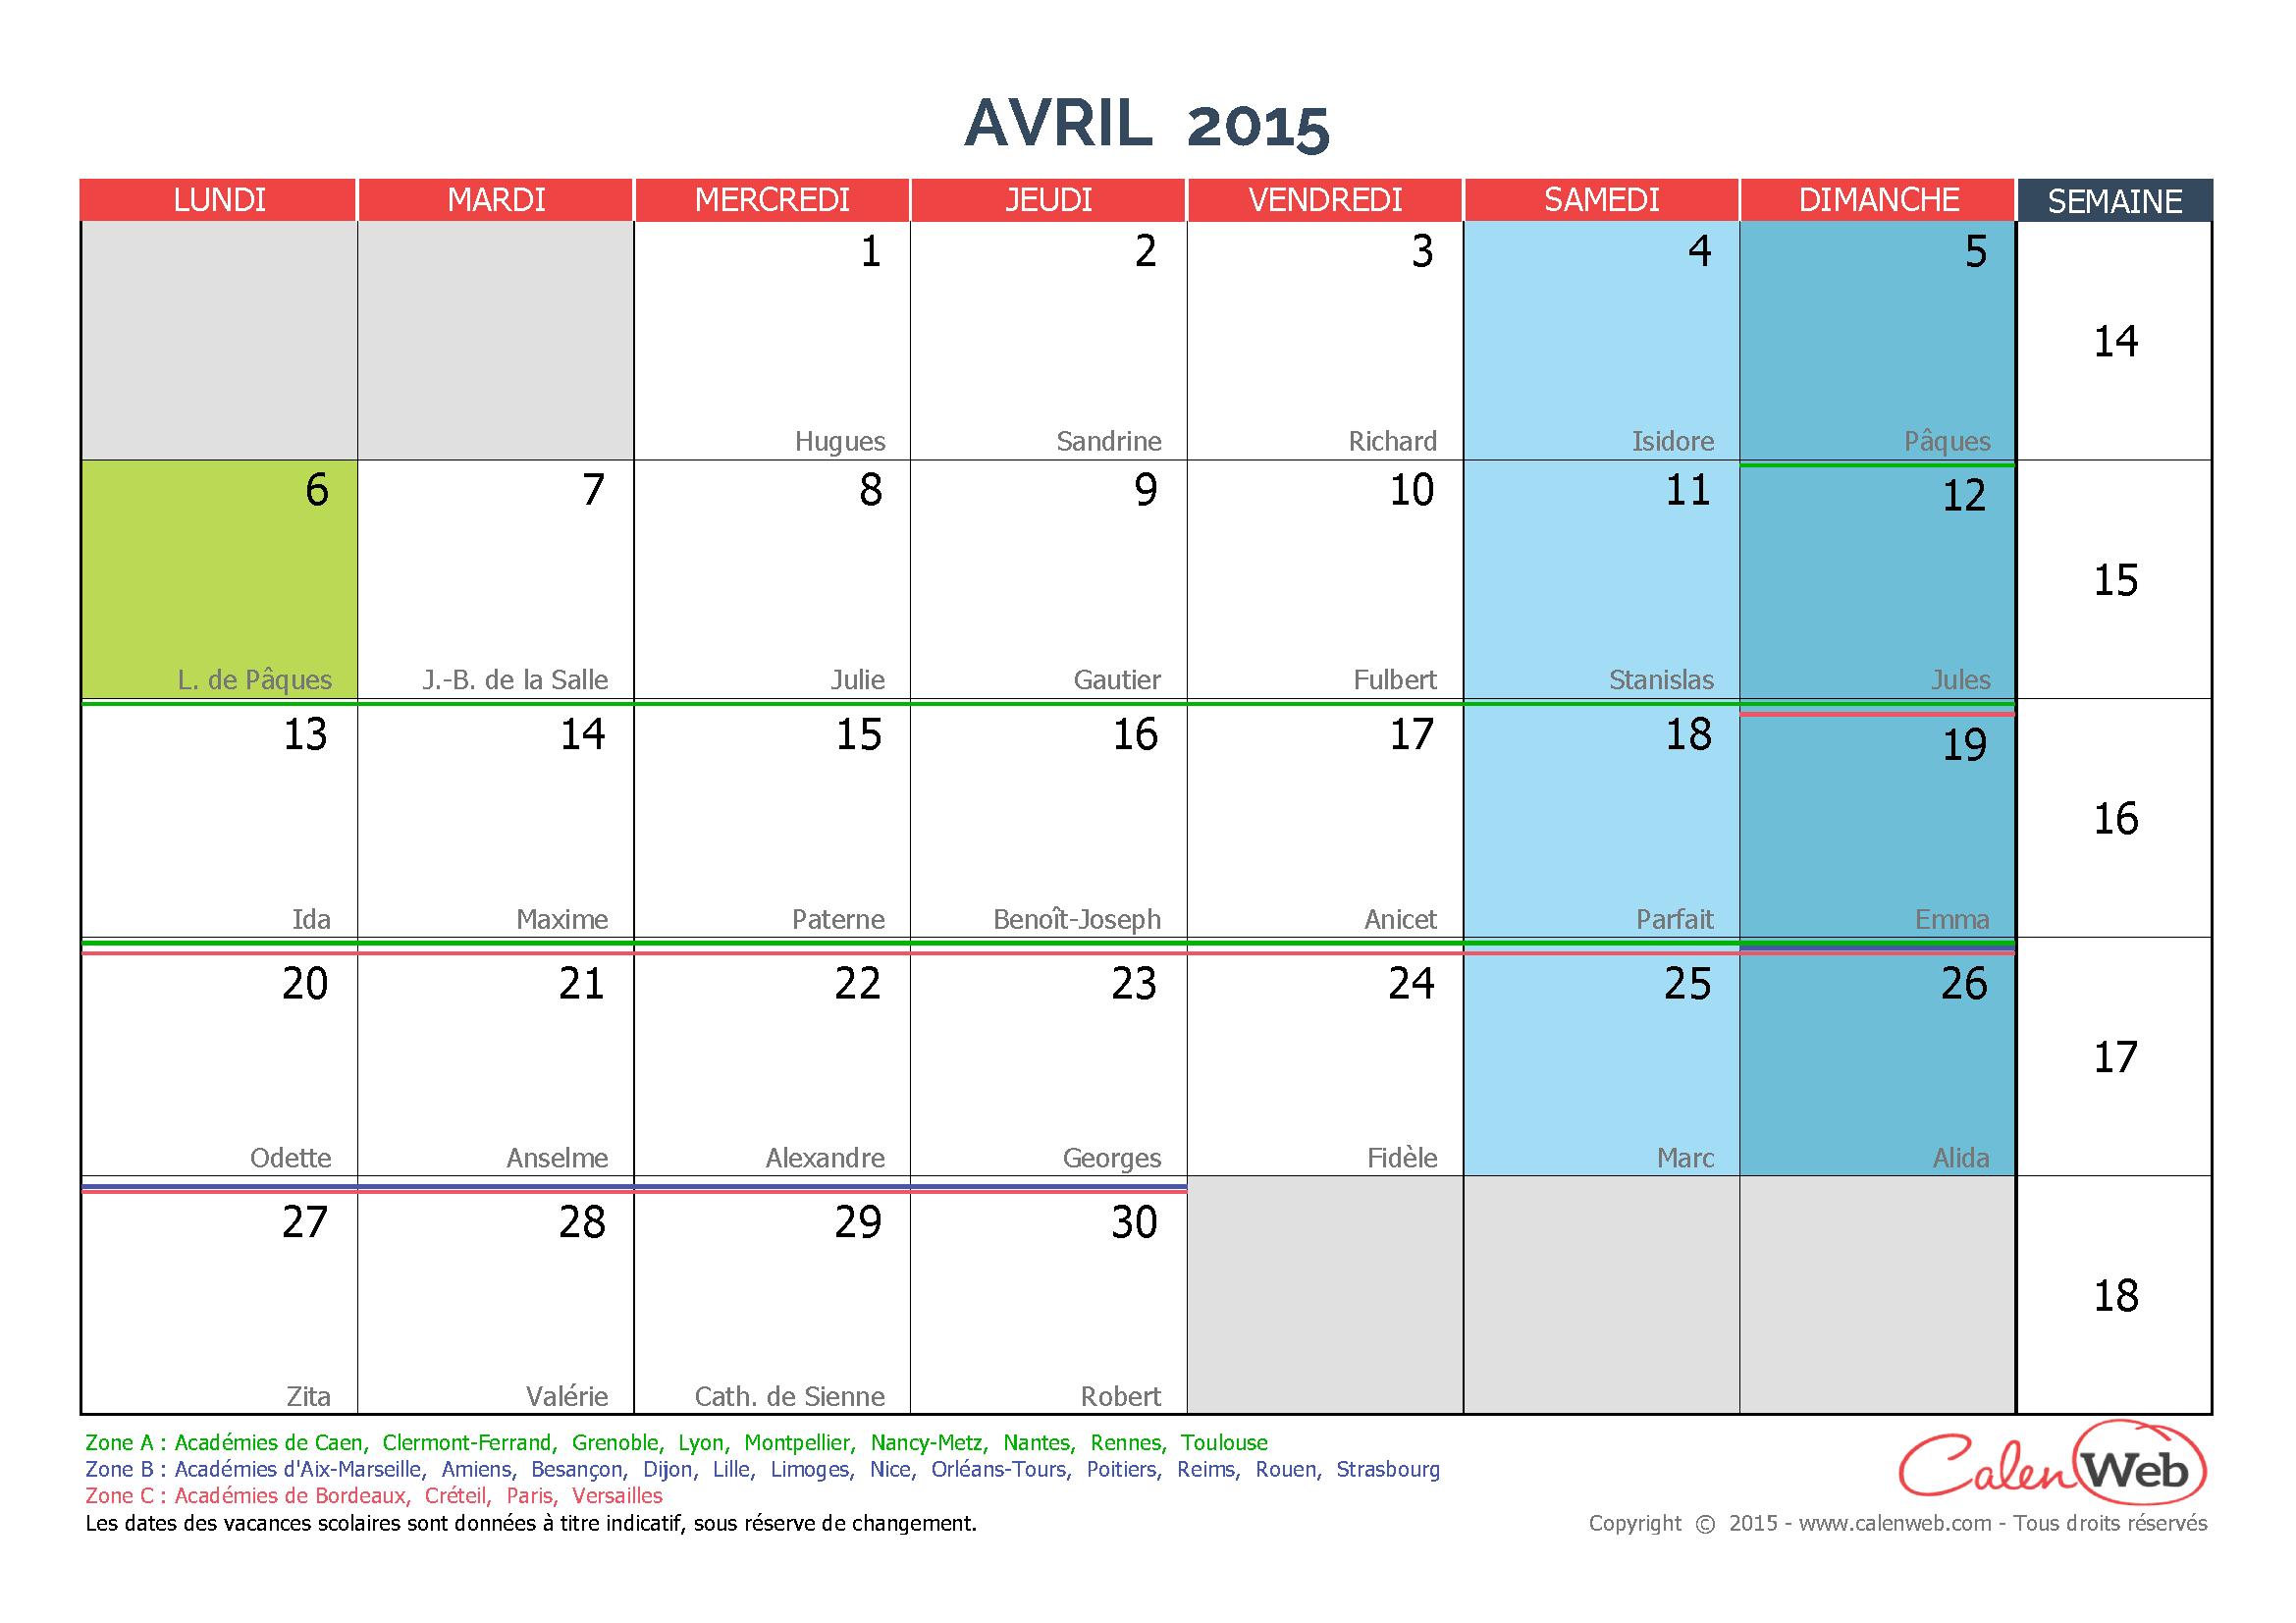 calendrier mensuel mois d 39 avril 2015 avec f tes jours f ri s et vacances scolaires. Black Bedroom Furniture Sets. Home Design Ideas